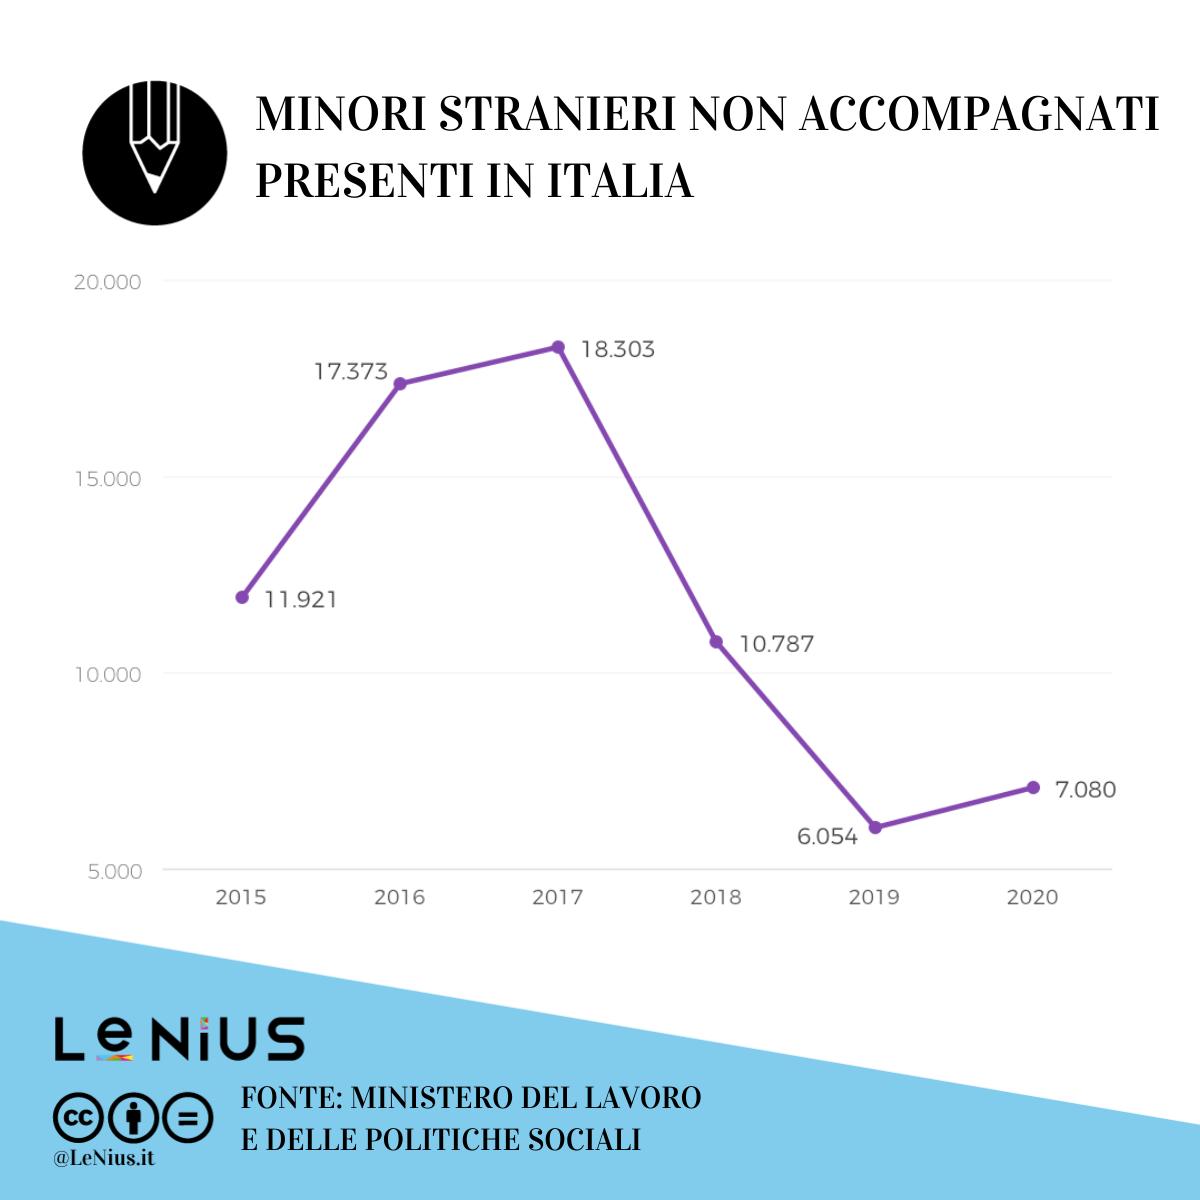 minori stranieri non accompagnati in italia 2020